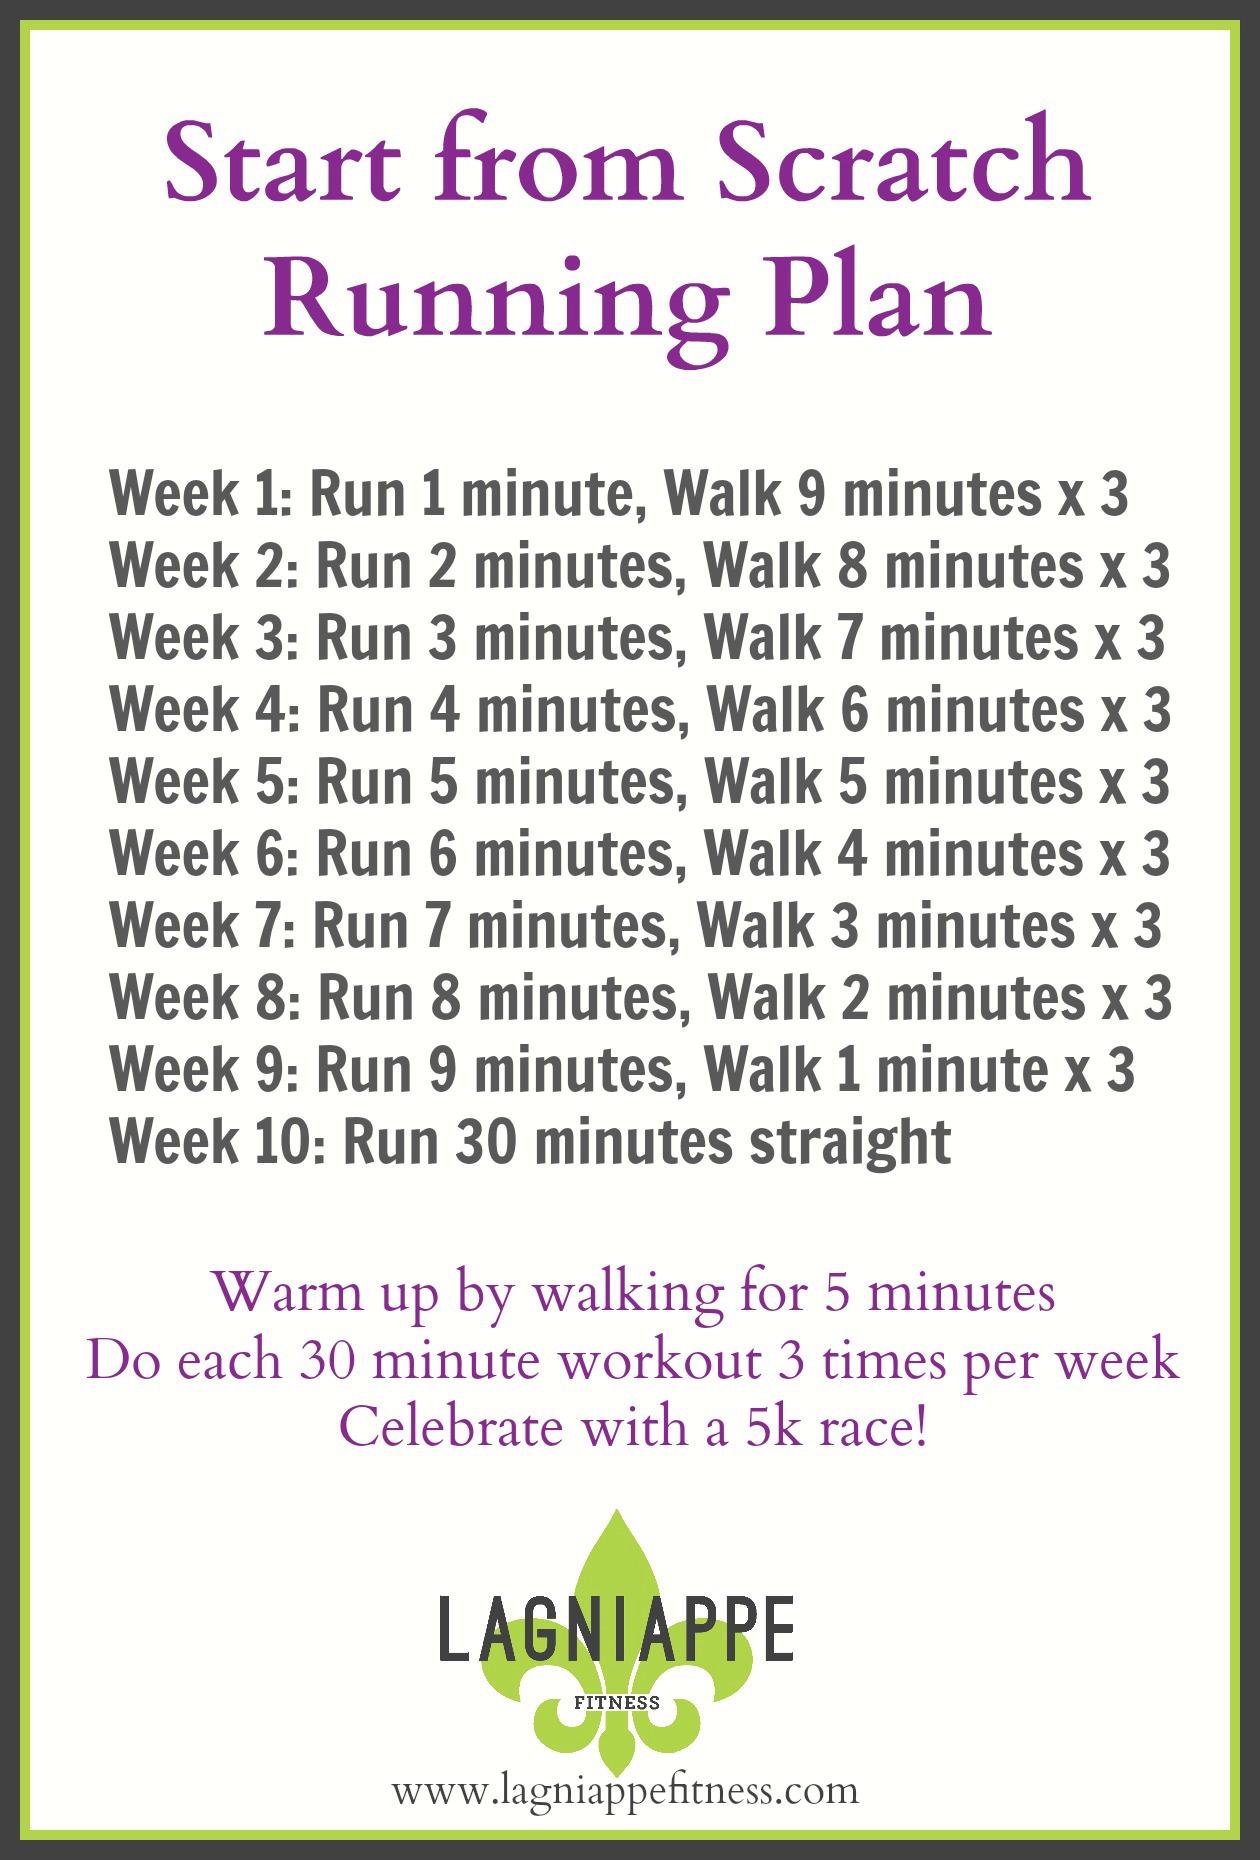 Start from Scratch Running Plan | Lagniappe Fitness